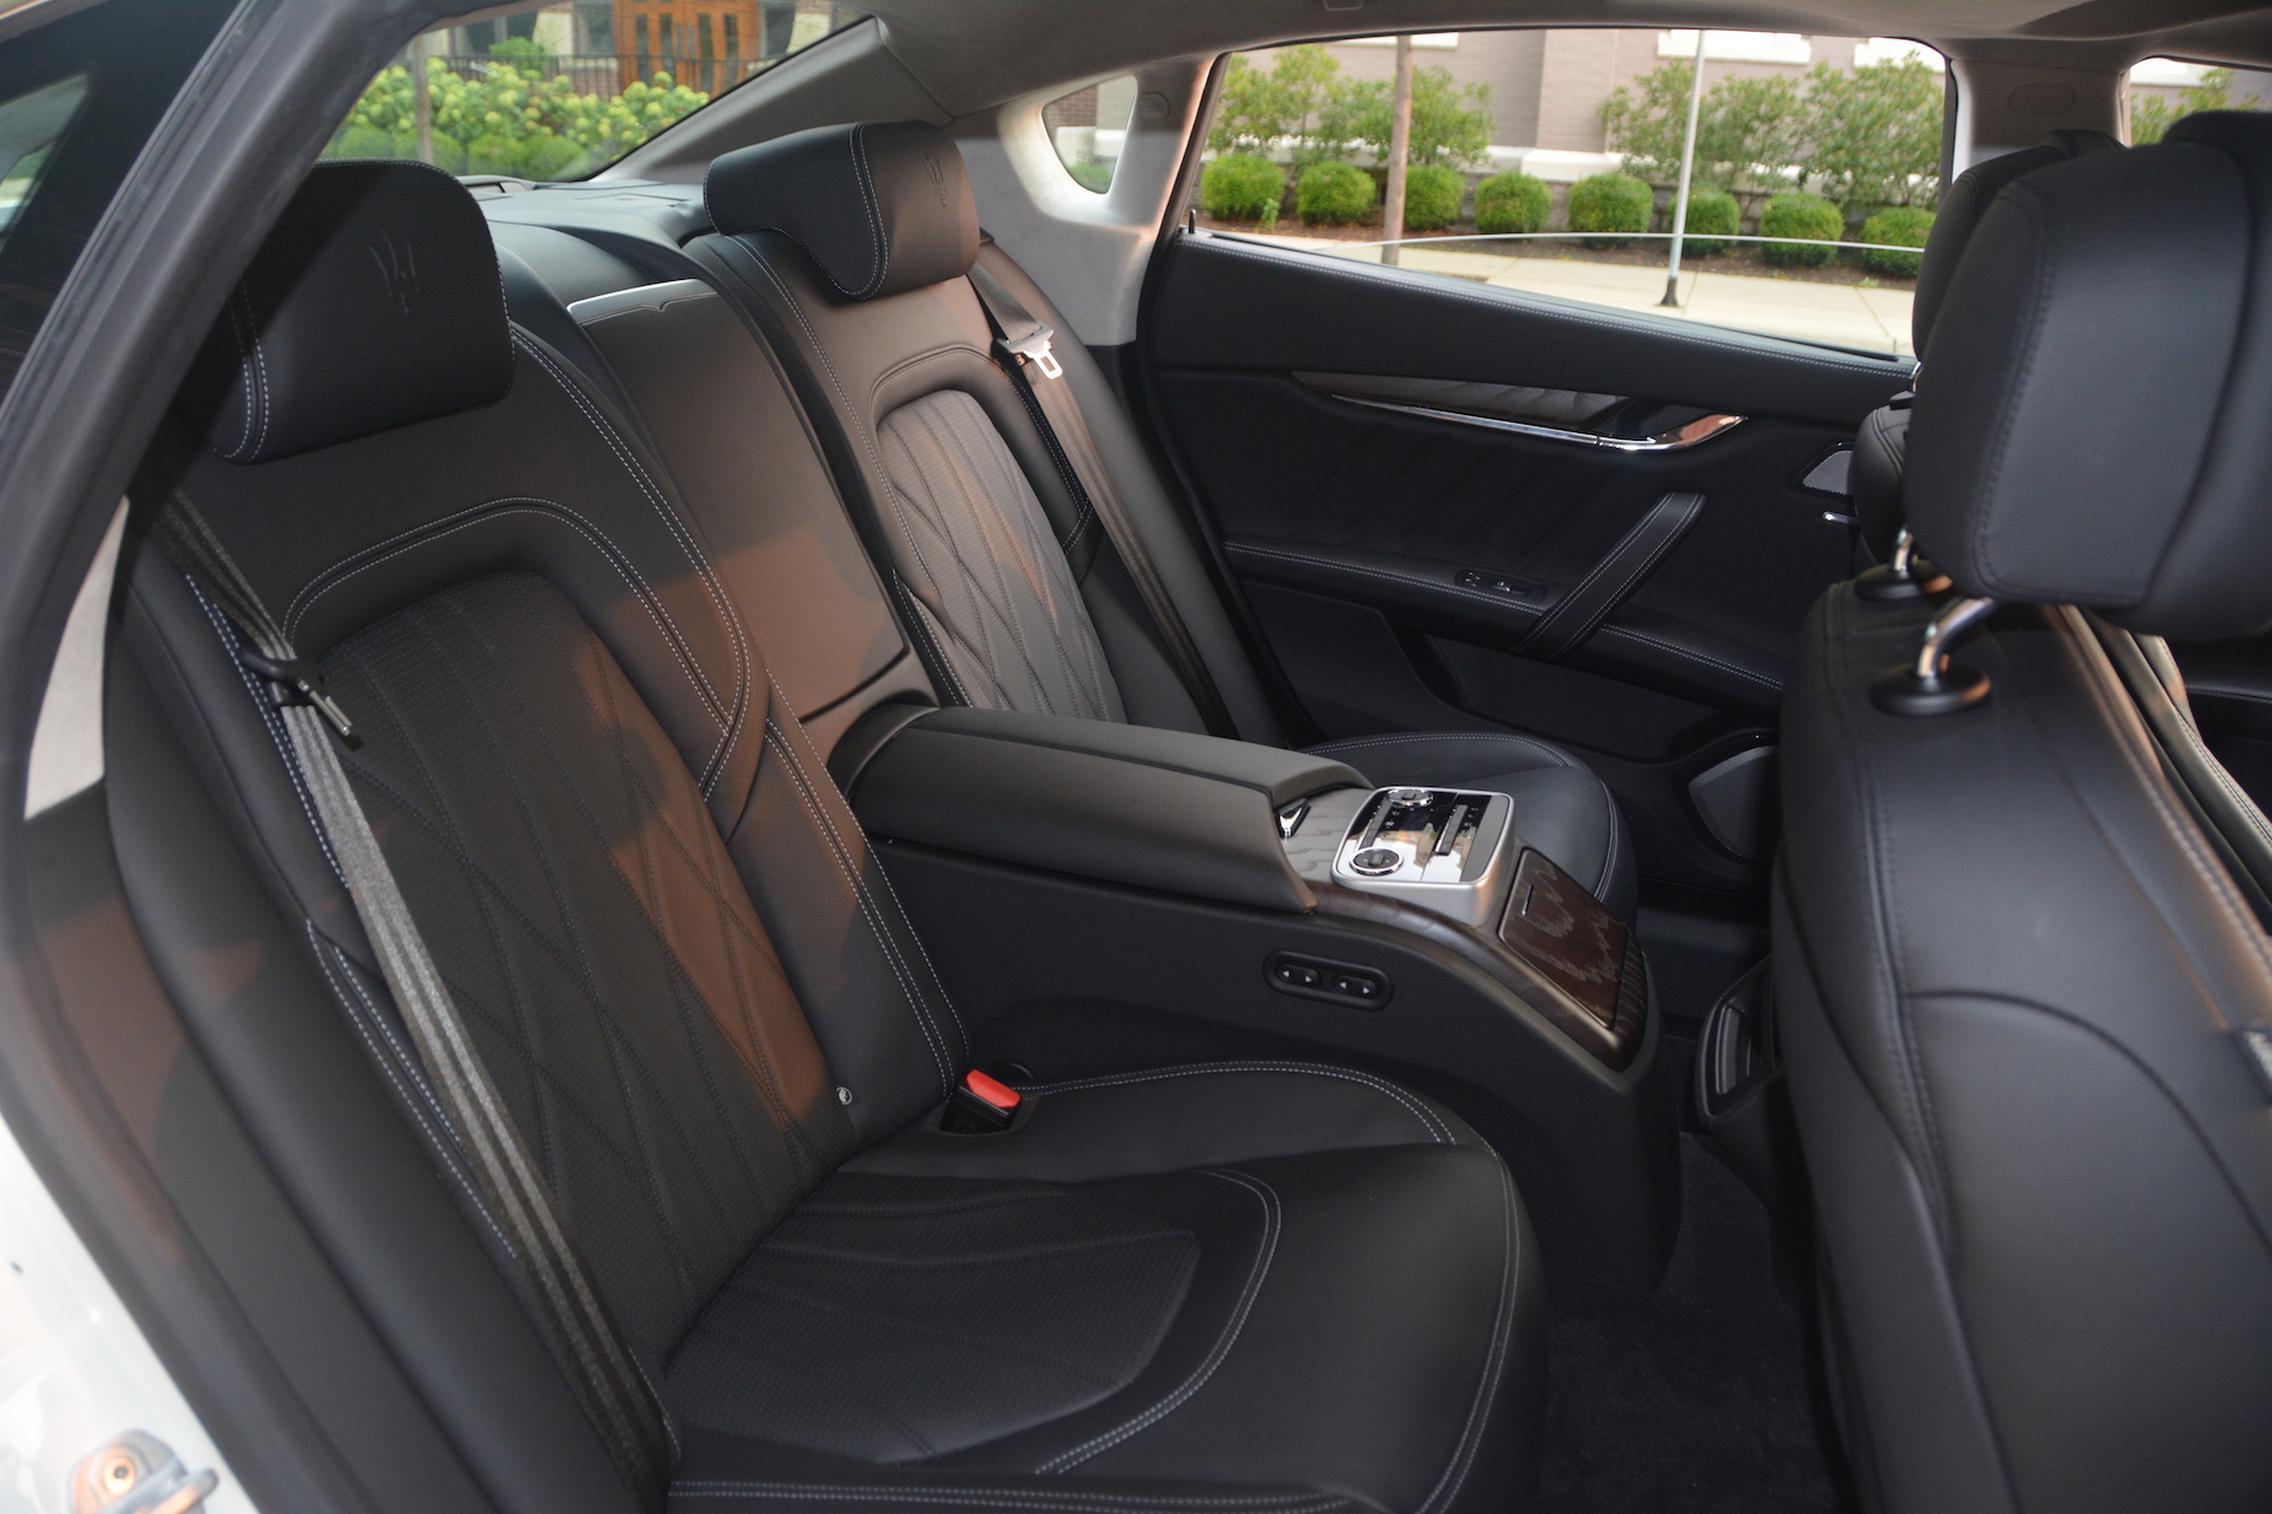 Maserati Quattroporte S Q4 GranLusso Rear Seats